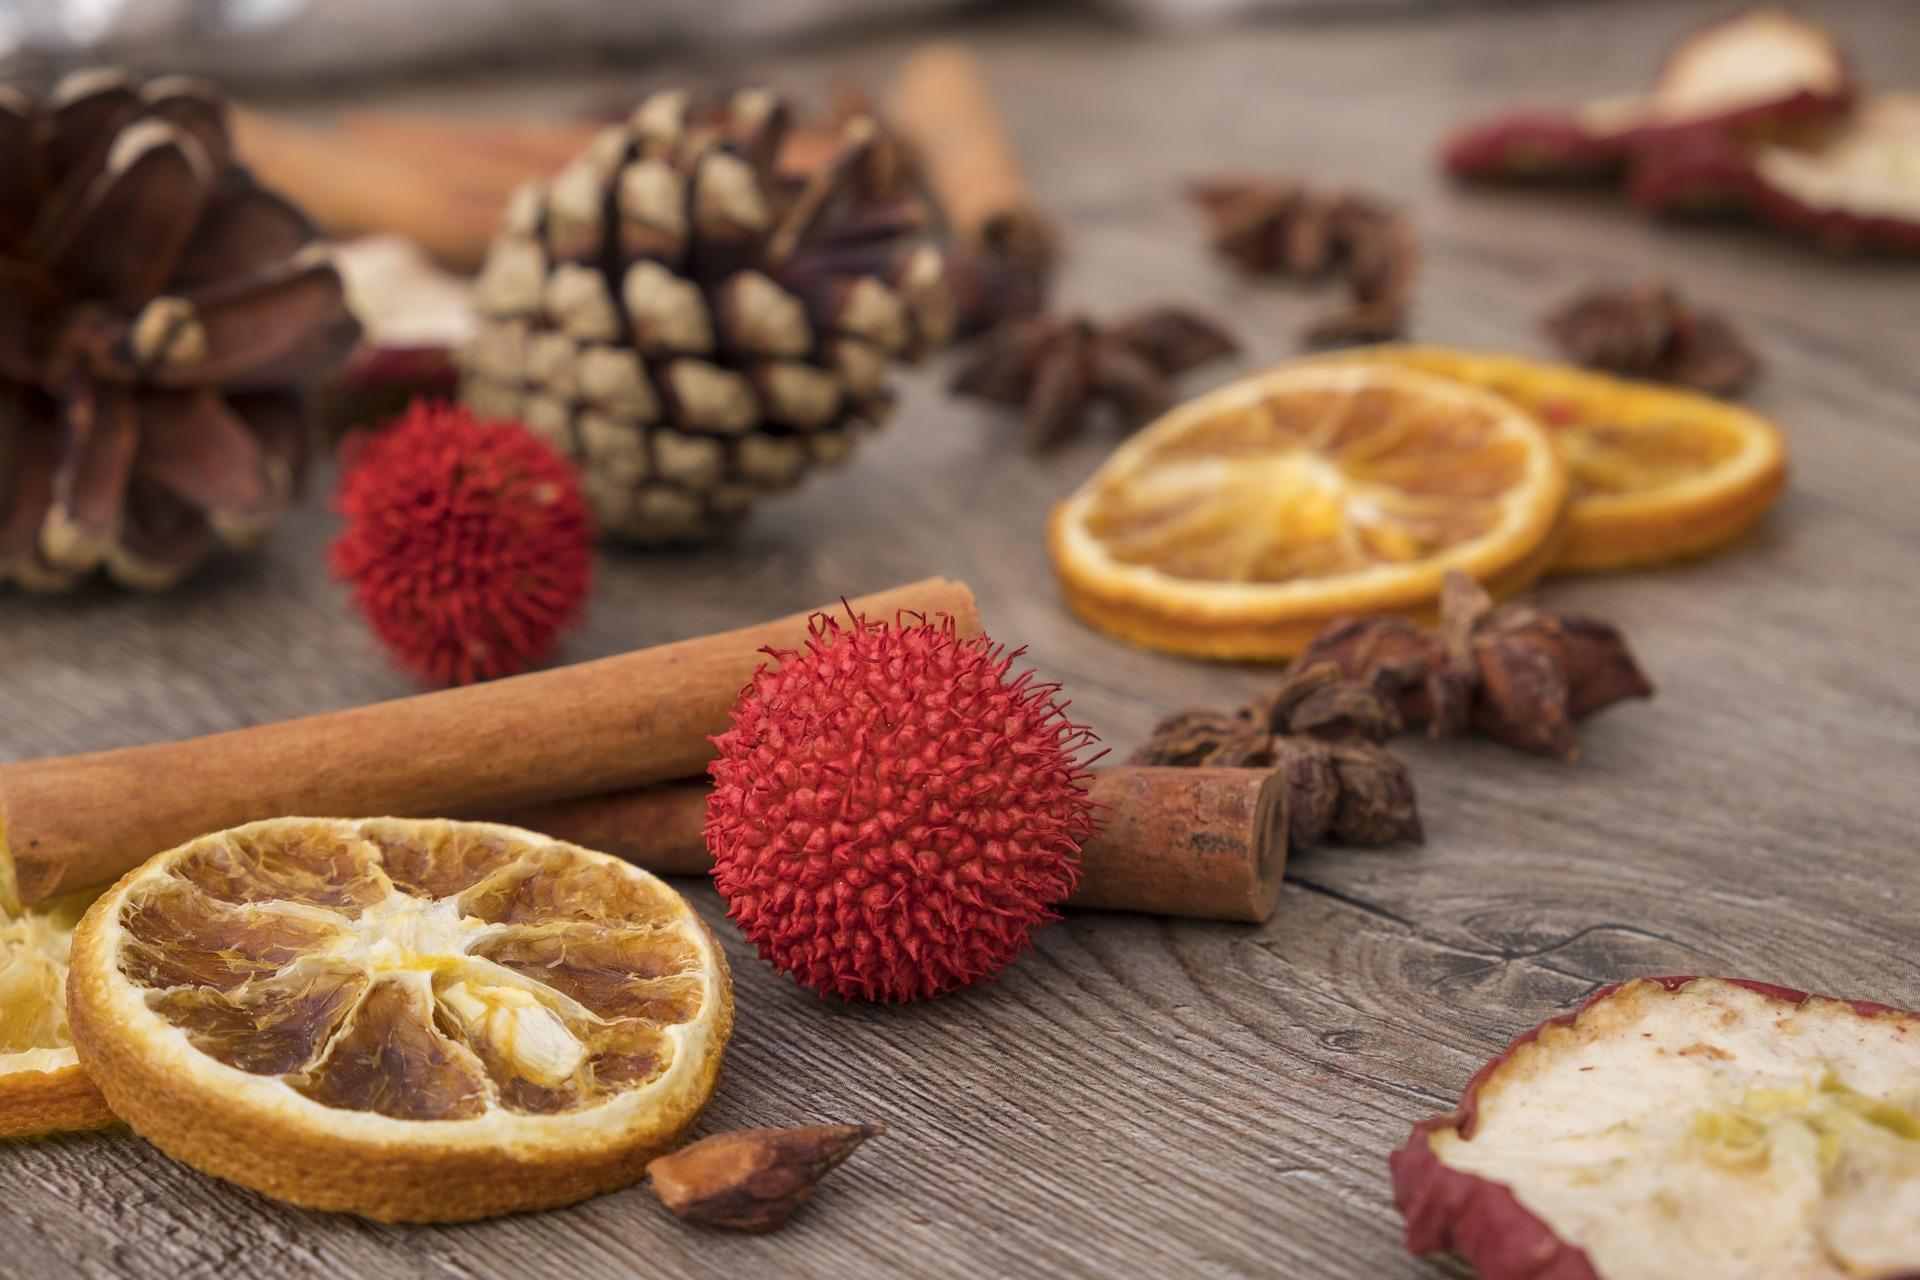 Seasonal Orange & Cinnamon